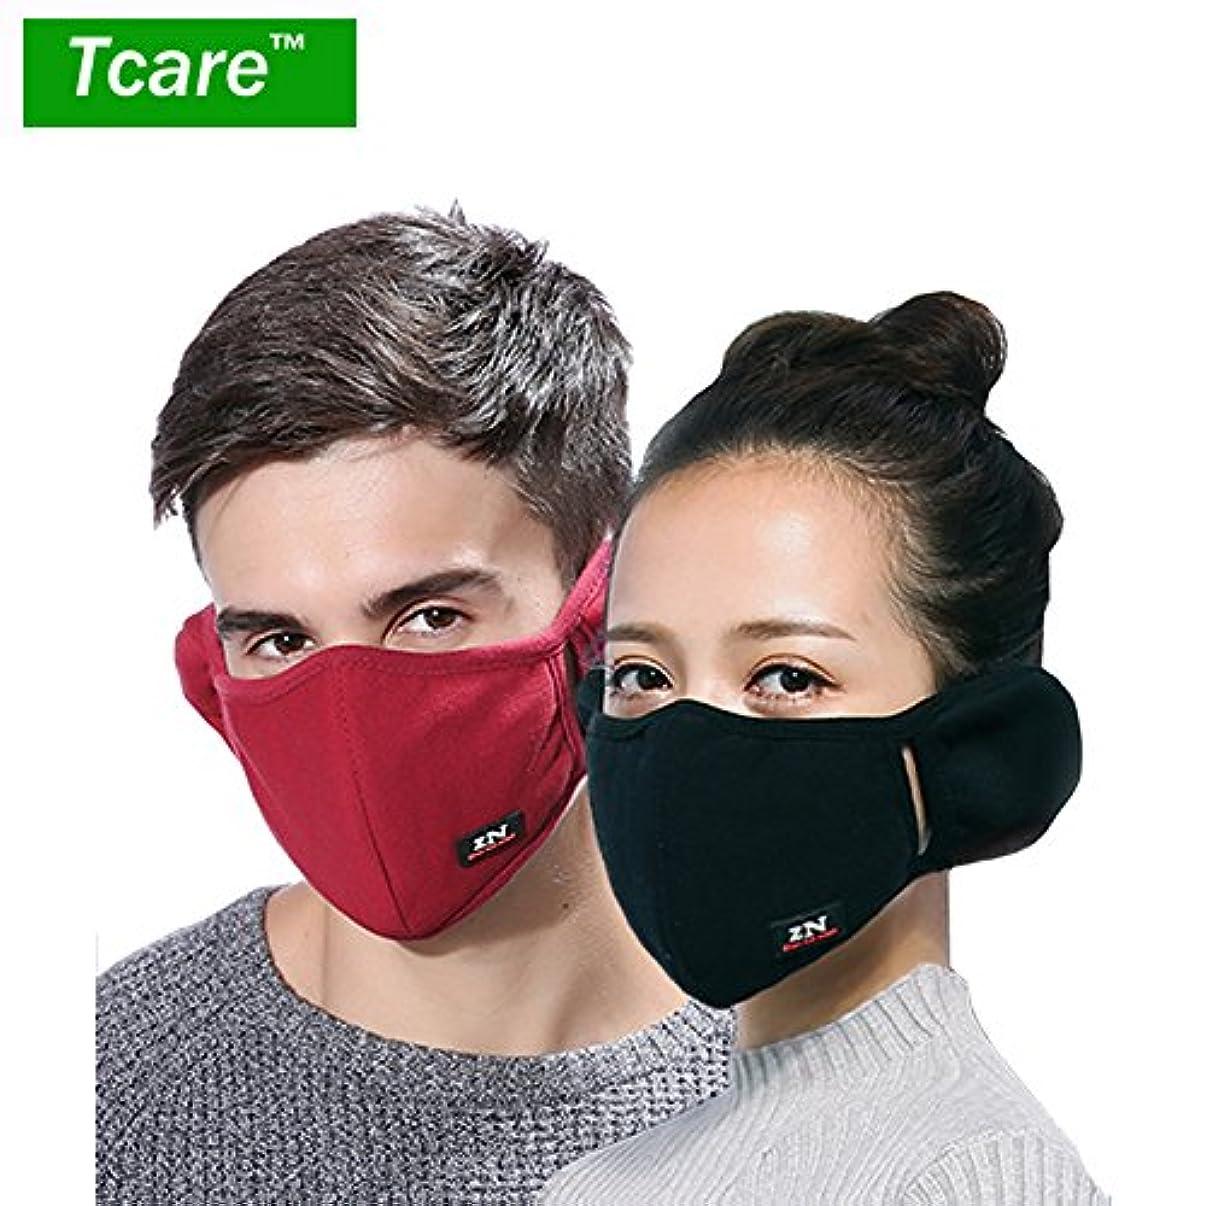 鬼ごっこスコア豊かにする男性女性の少年少女のためのTcare呼吸器2レイヤピュアコットン保護フィルター挿入口:10紺